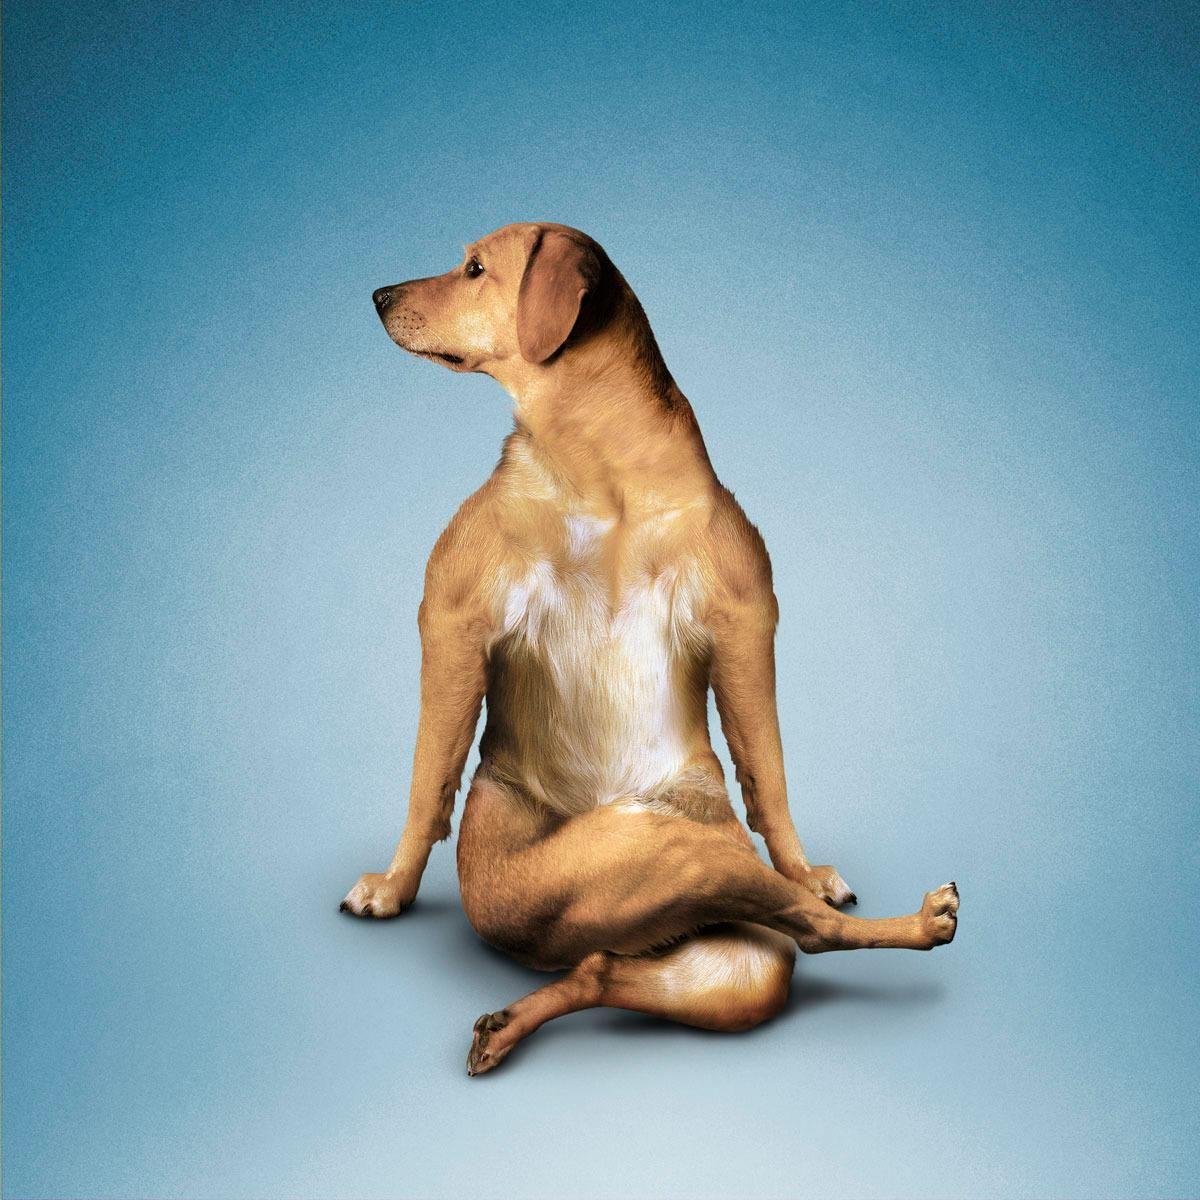 позы йоги картинки прикольные основания